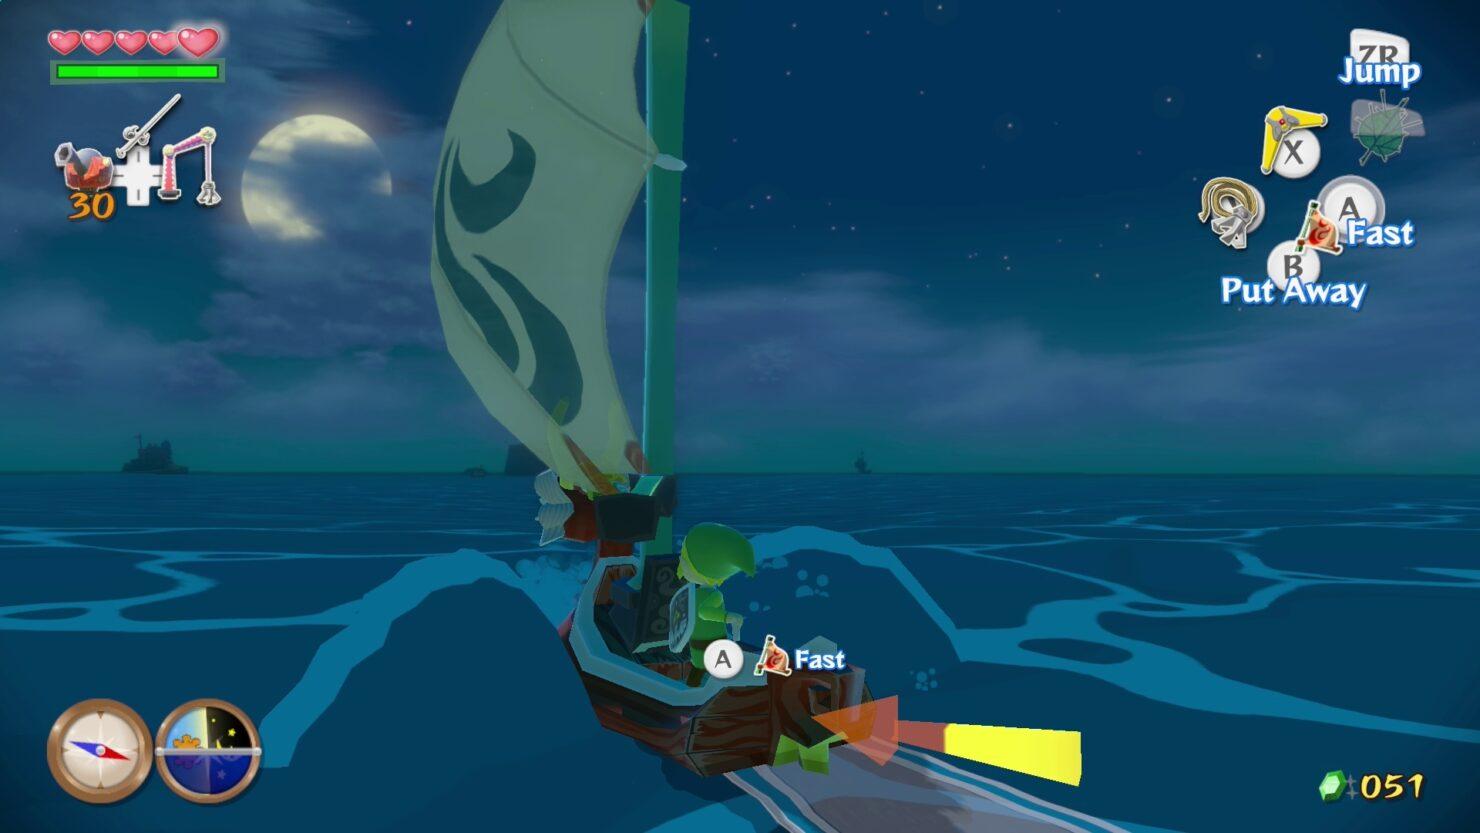 Best Wii U Games